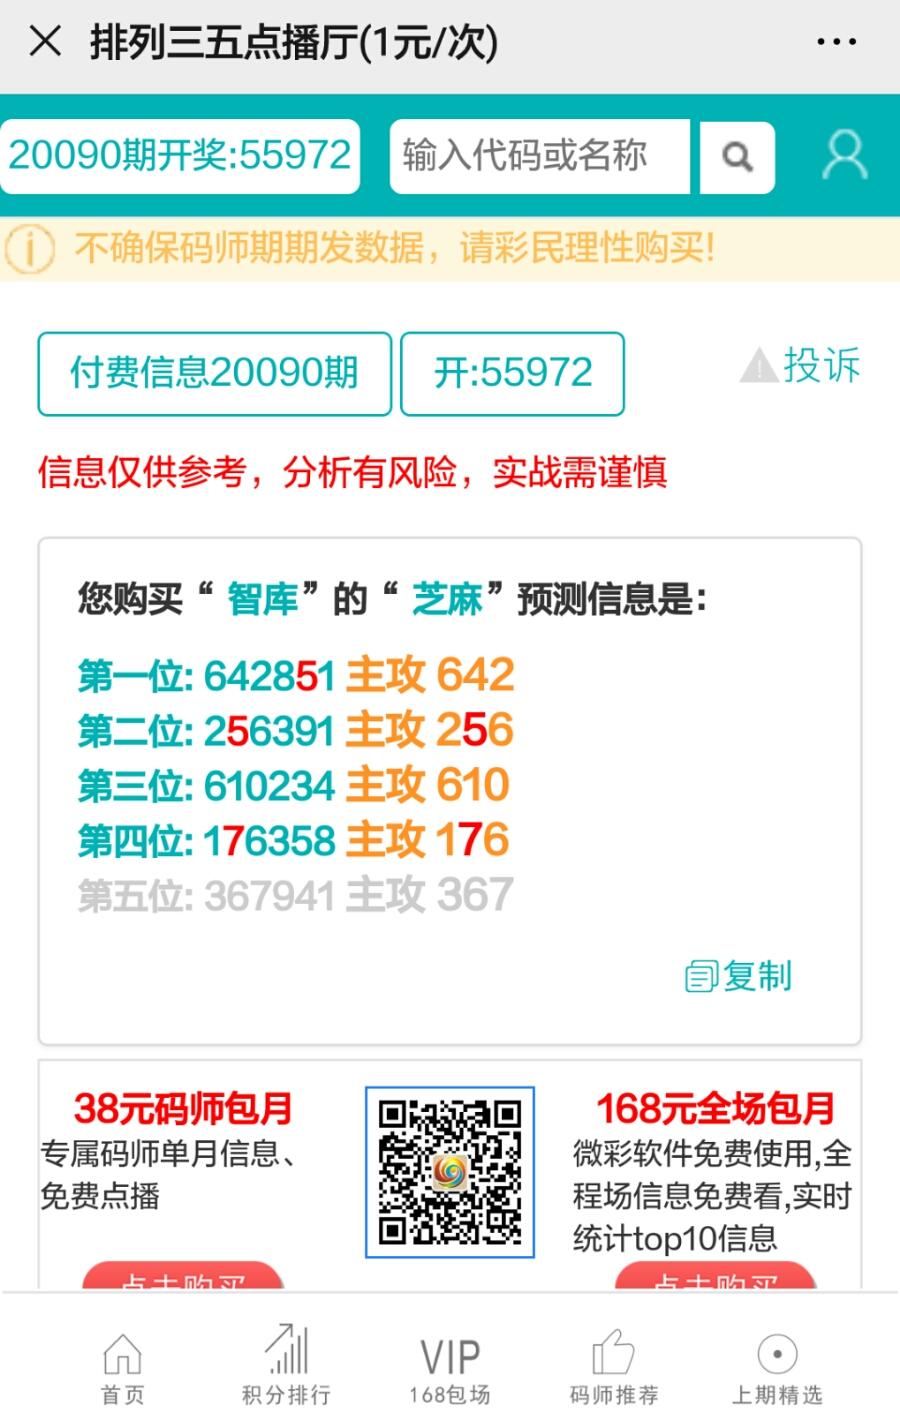 Screenshot_2020-05-19-21-21-07.jpg